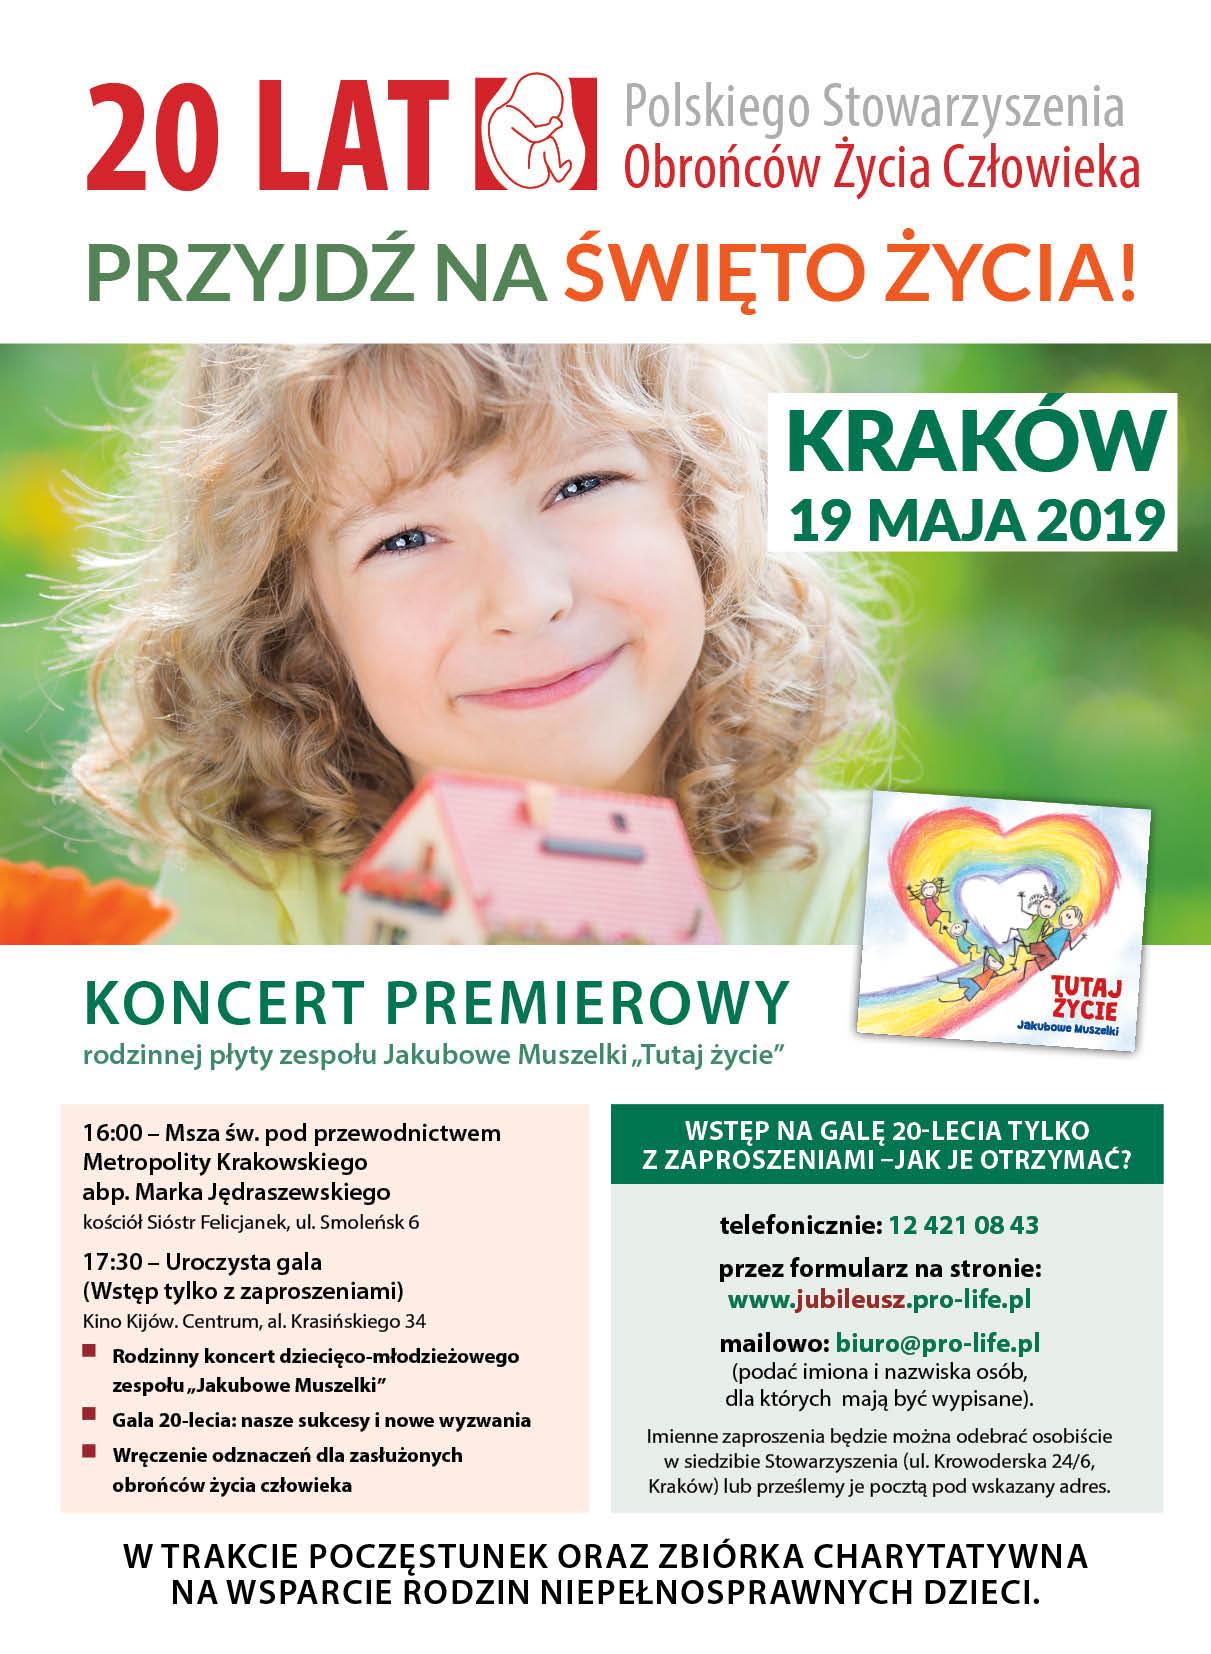 20-lecie Polskiego Stowarzyszenia Obrońców Życia Człowieka